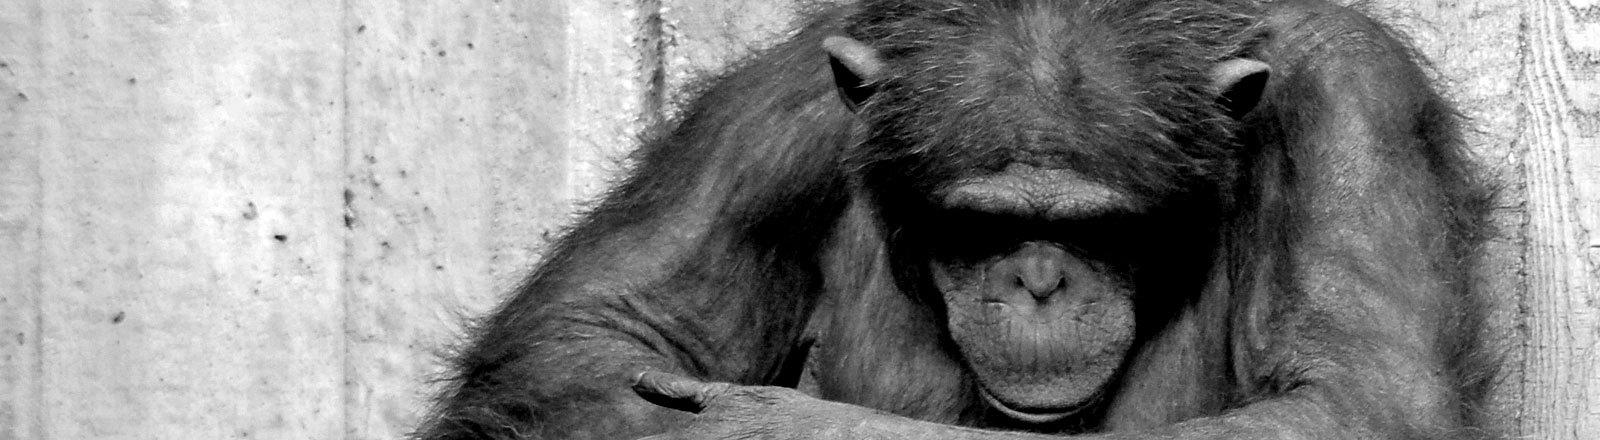 Trauriger Schimpanse